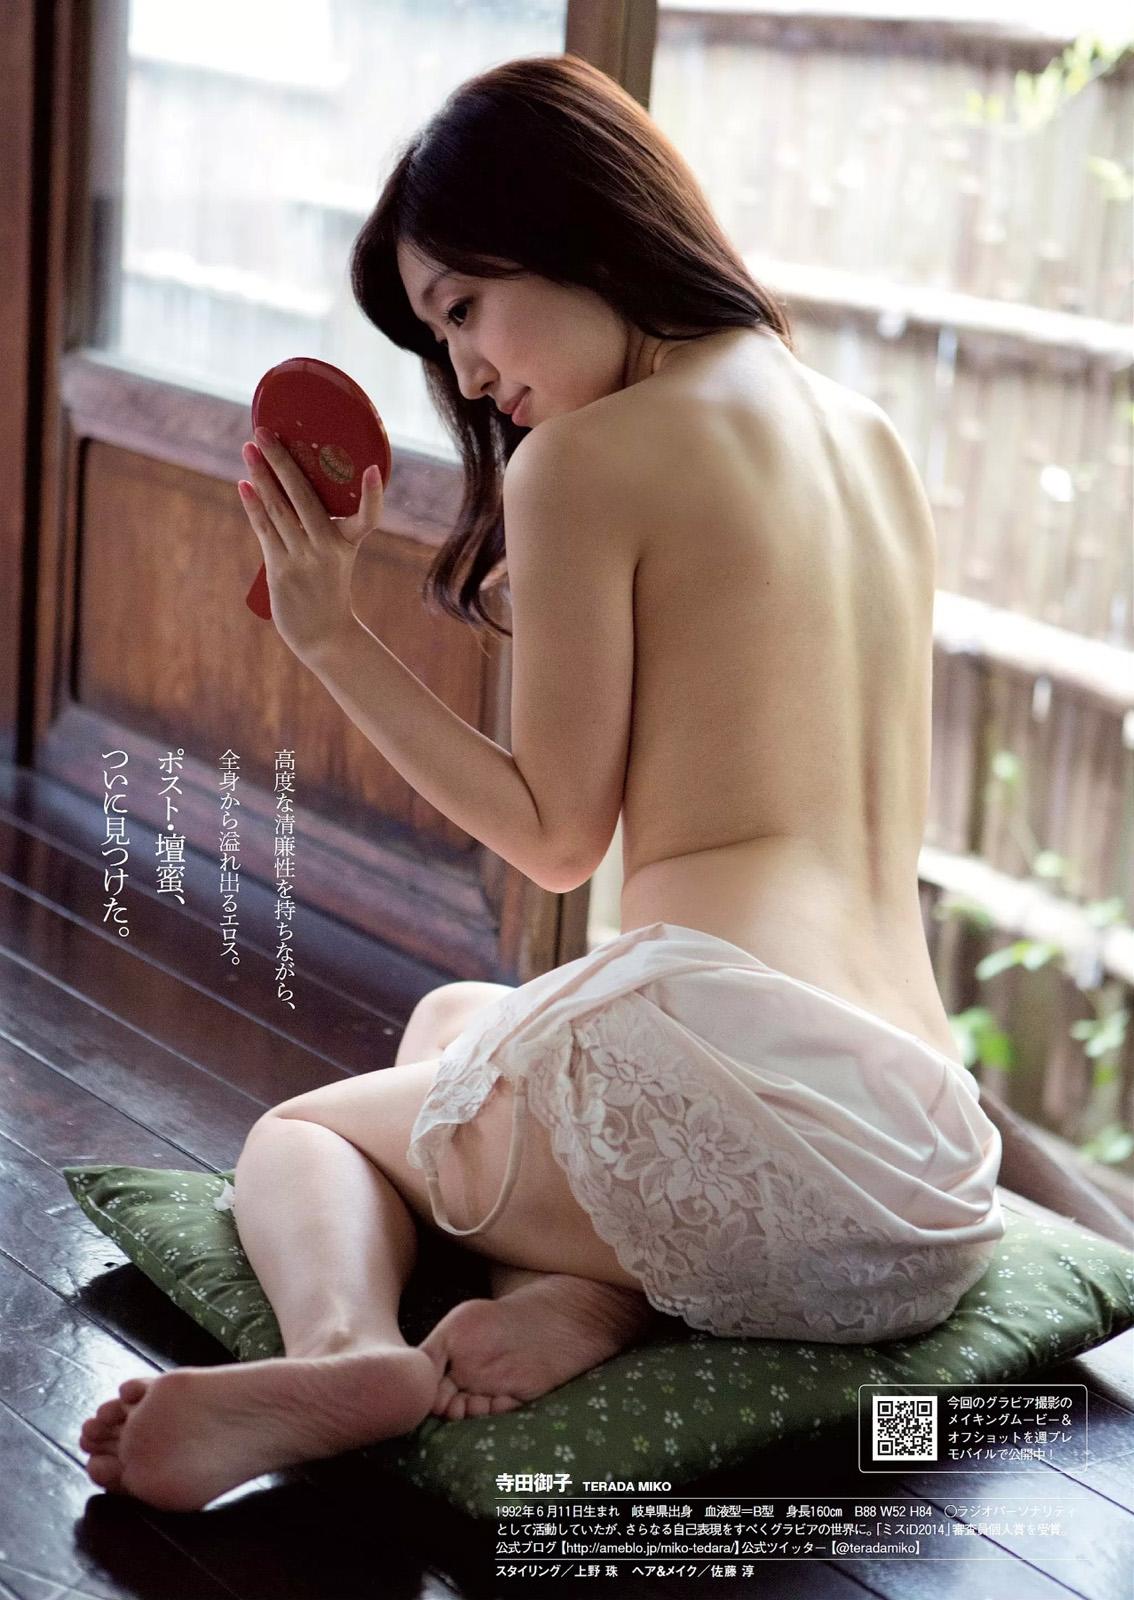 teradamiko32.jpg